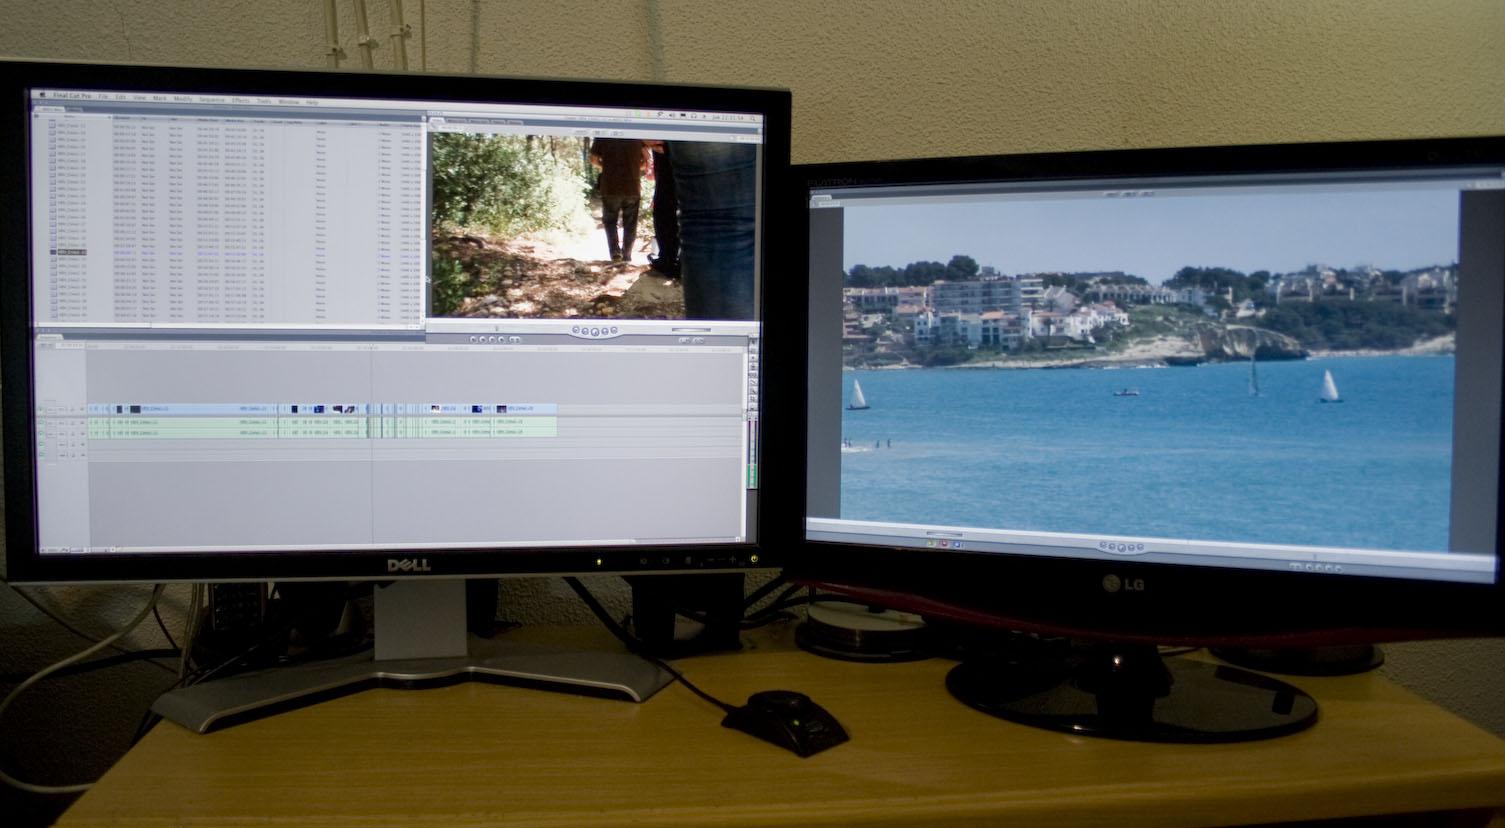 Editando en dos monitores conectados a la gráfica principal mediante las salidas DVI /HDMI de ésta